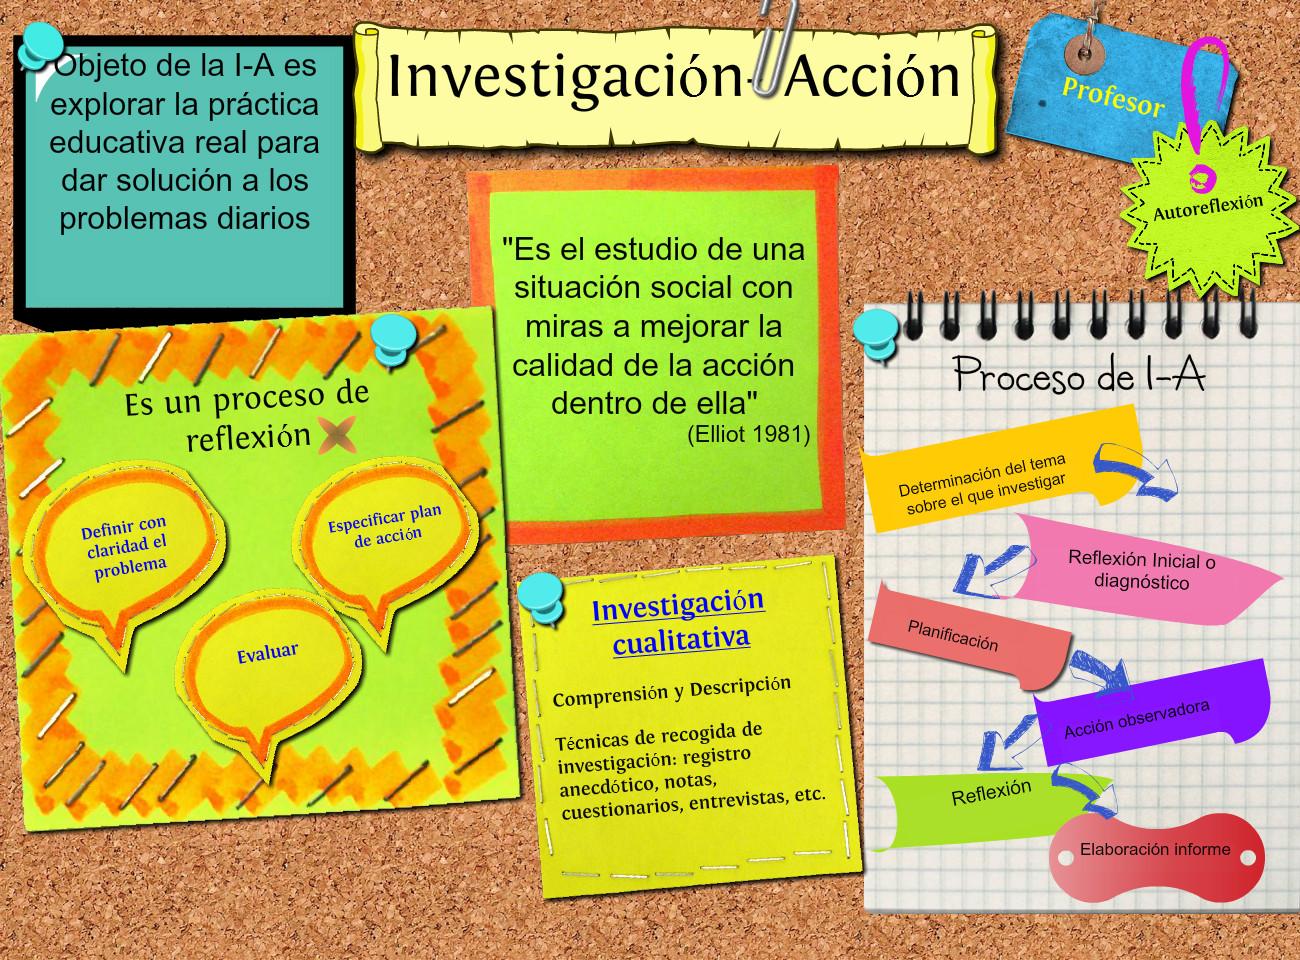 Curso gratis de Investigacion Accion